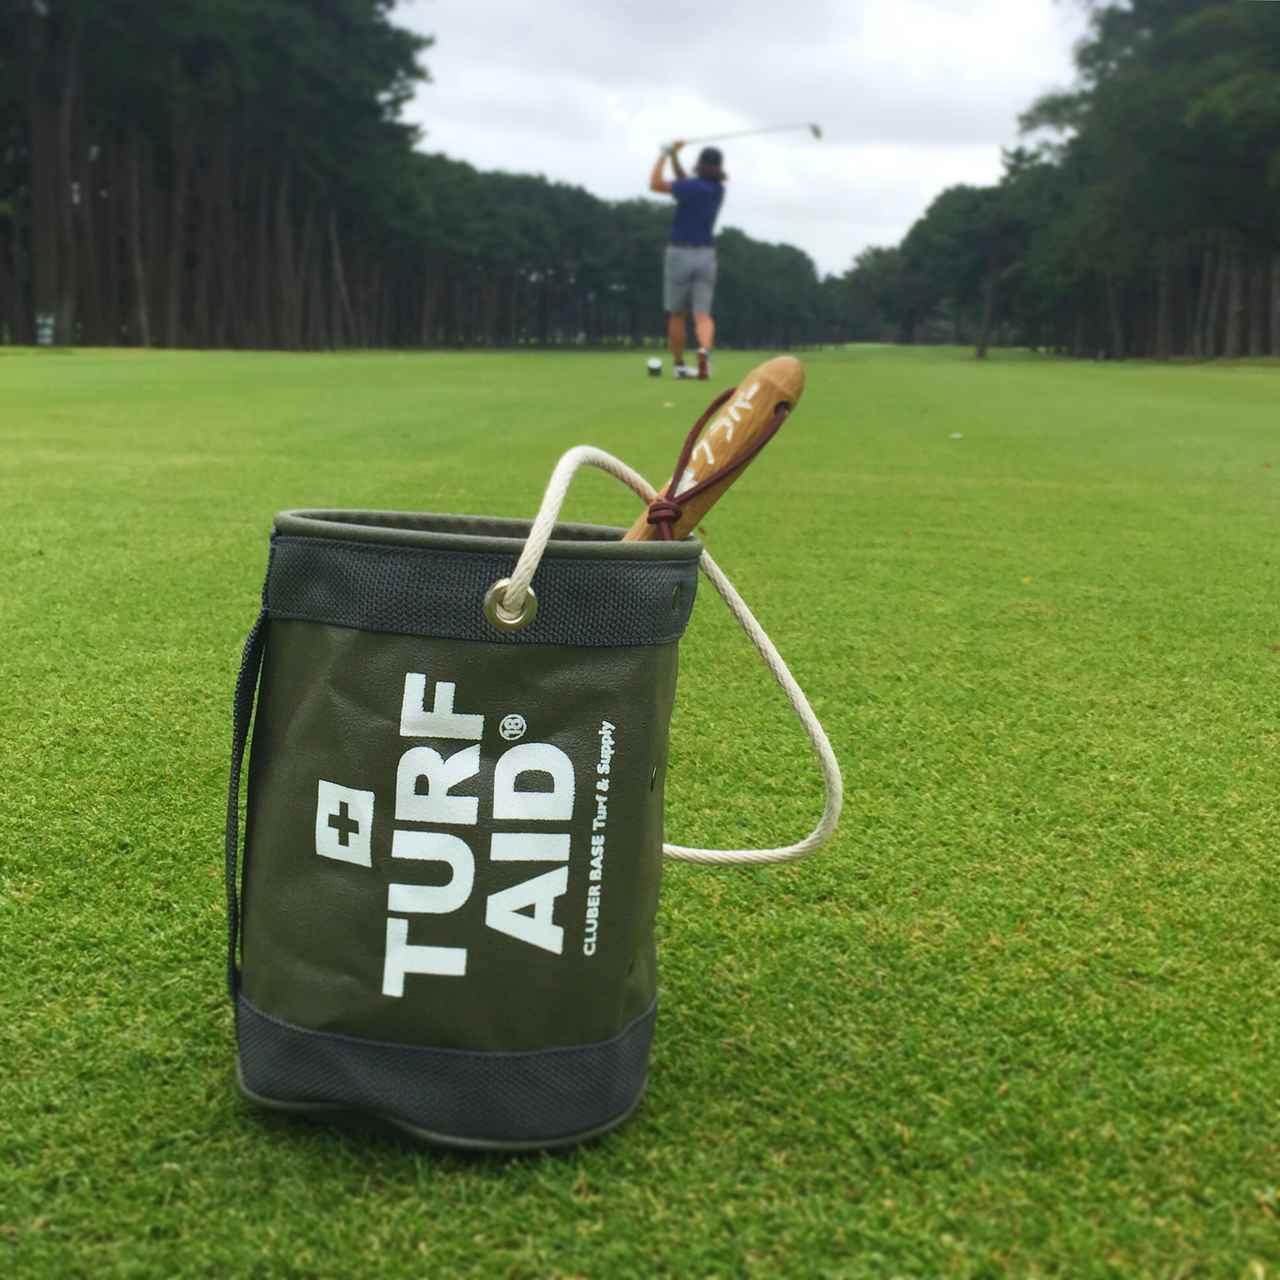 画像: ゴルフで「目土」はなんのためにする? 擦り傷に絆創膏を貼るように、コースの傷をいたわろう - みんなのゴルフダイジェスト